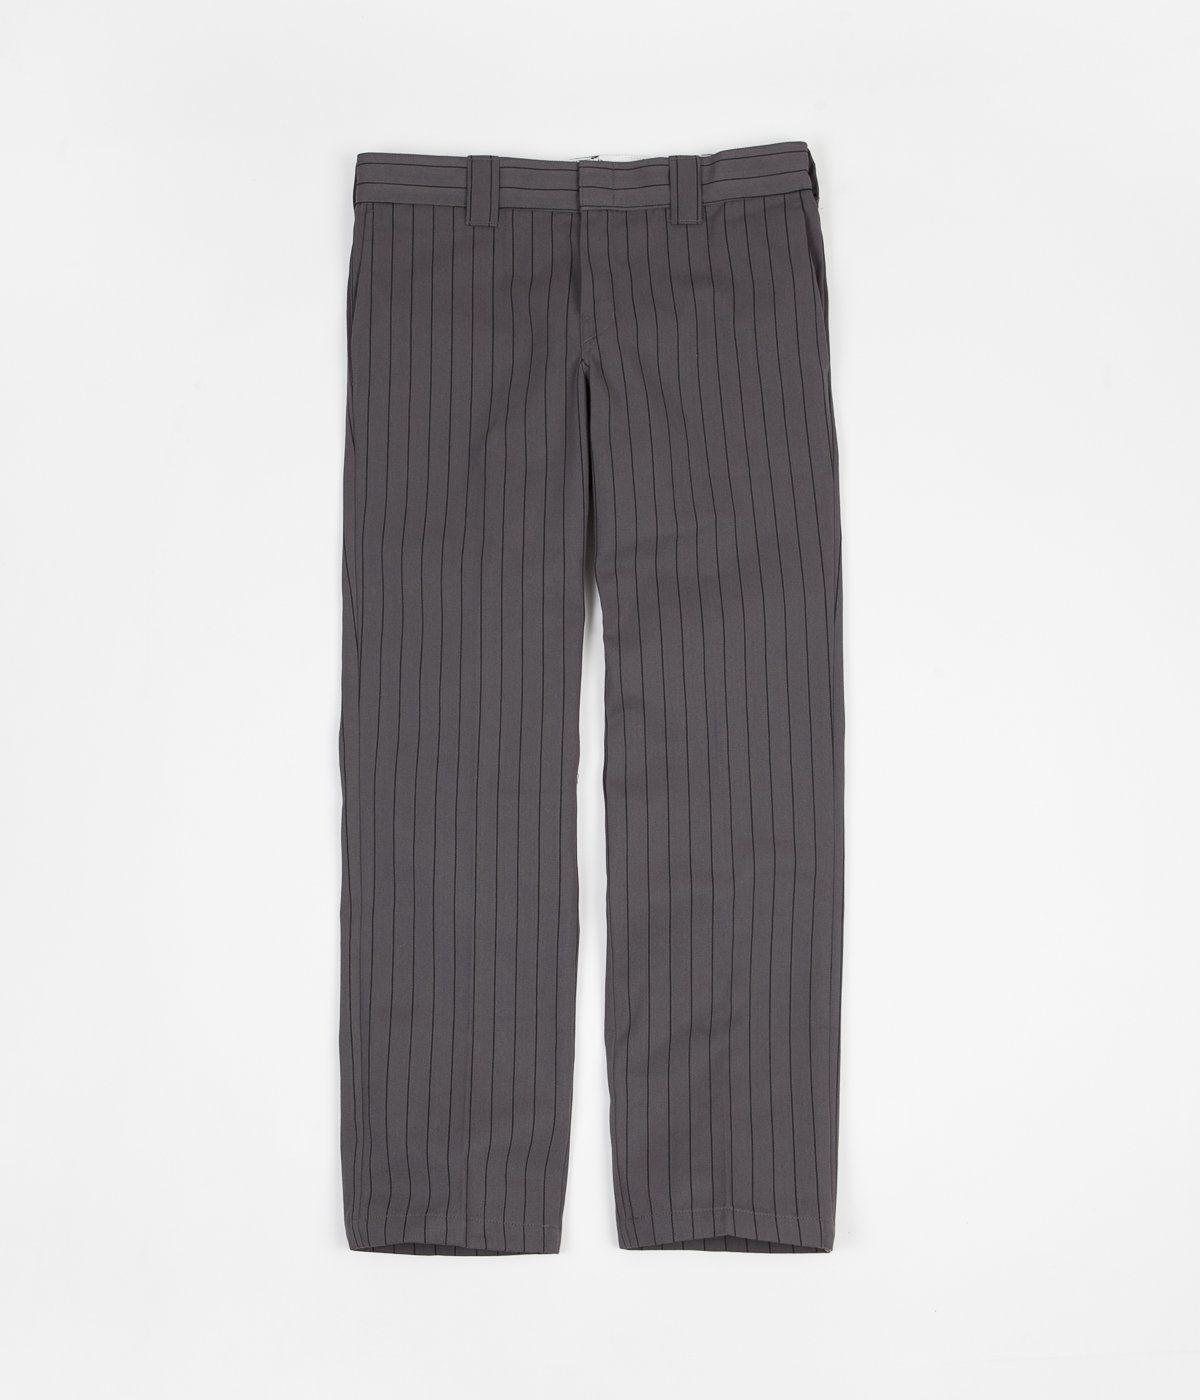 Predownload: Dickies 873 Stripe Work Trousers Charcoal Grey Work Trousers Charcoal Grey Dickies [ 1400 x 1200 Pixel ]